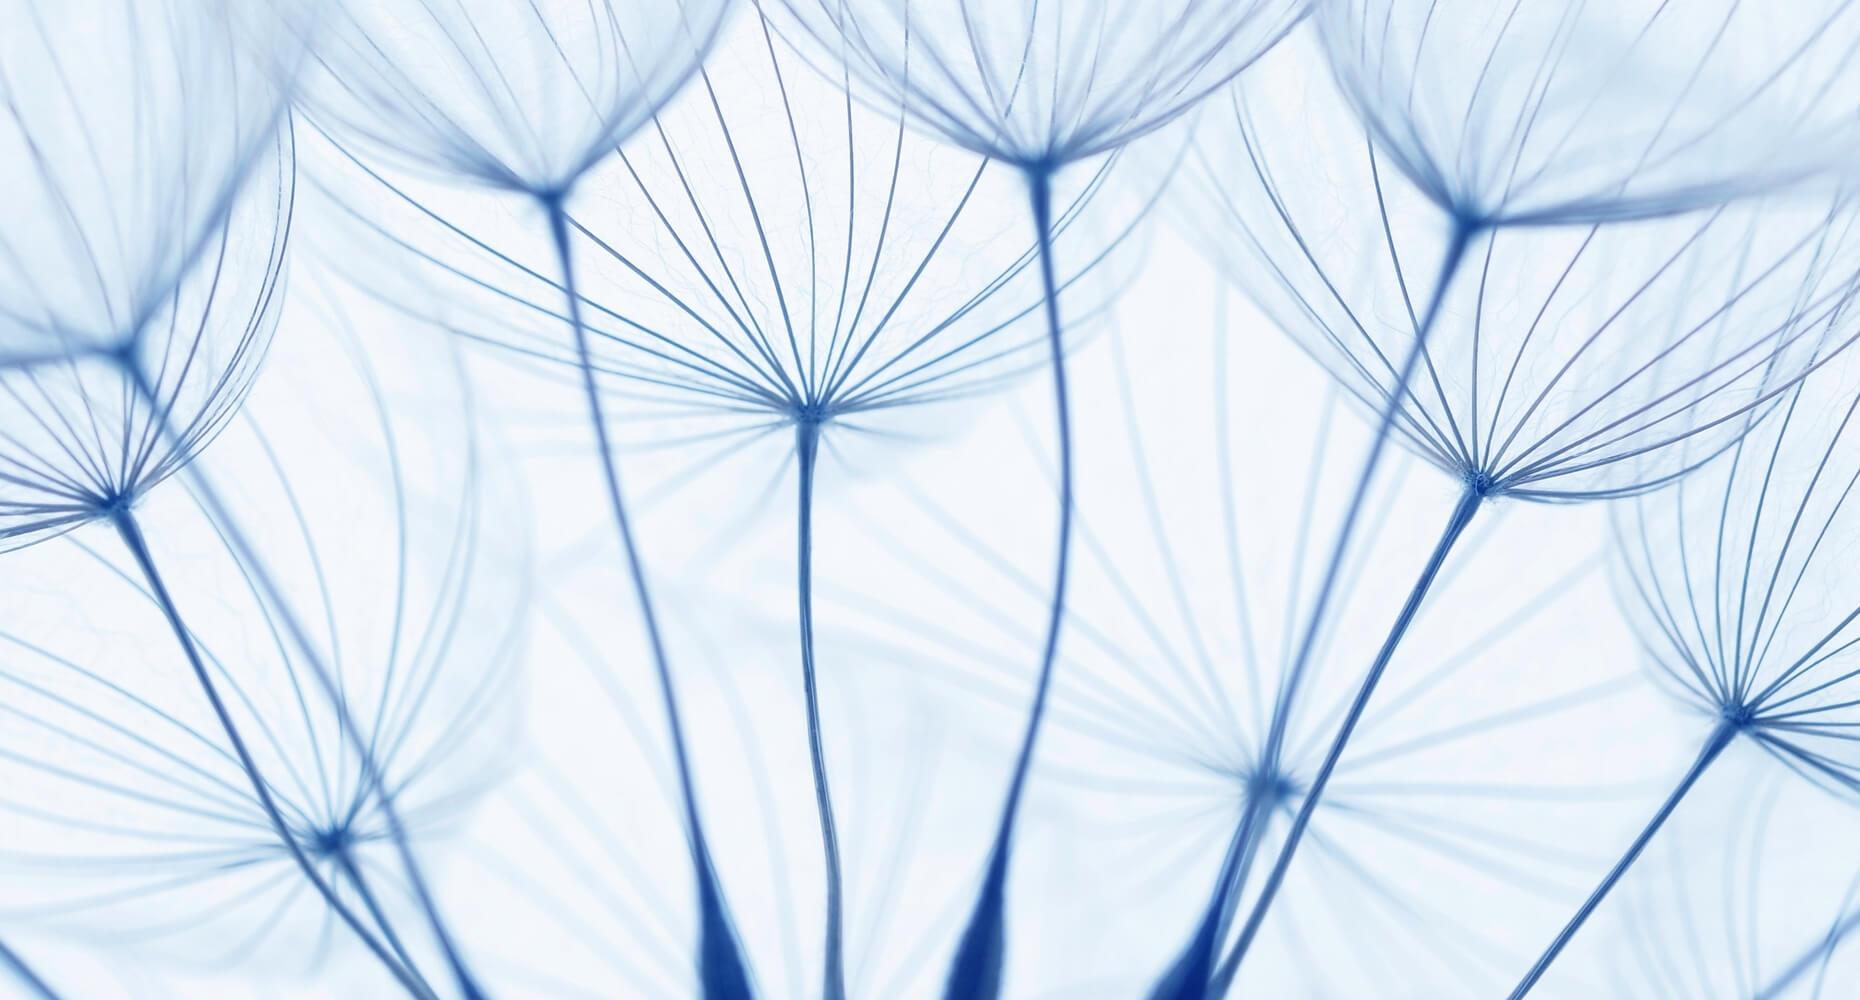 Wie lernen künstliche neuronale Netze?